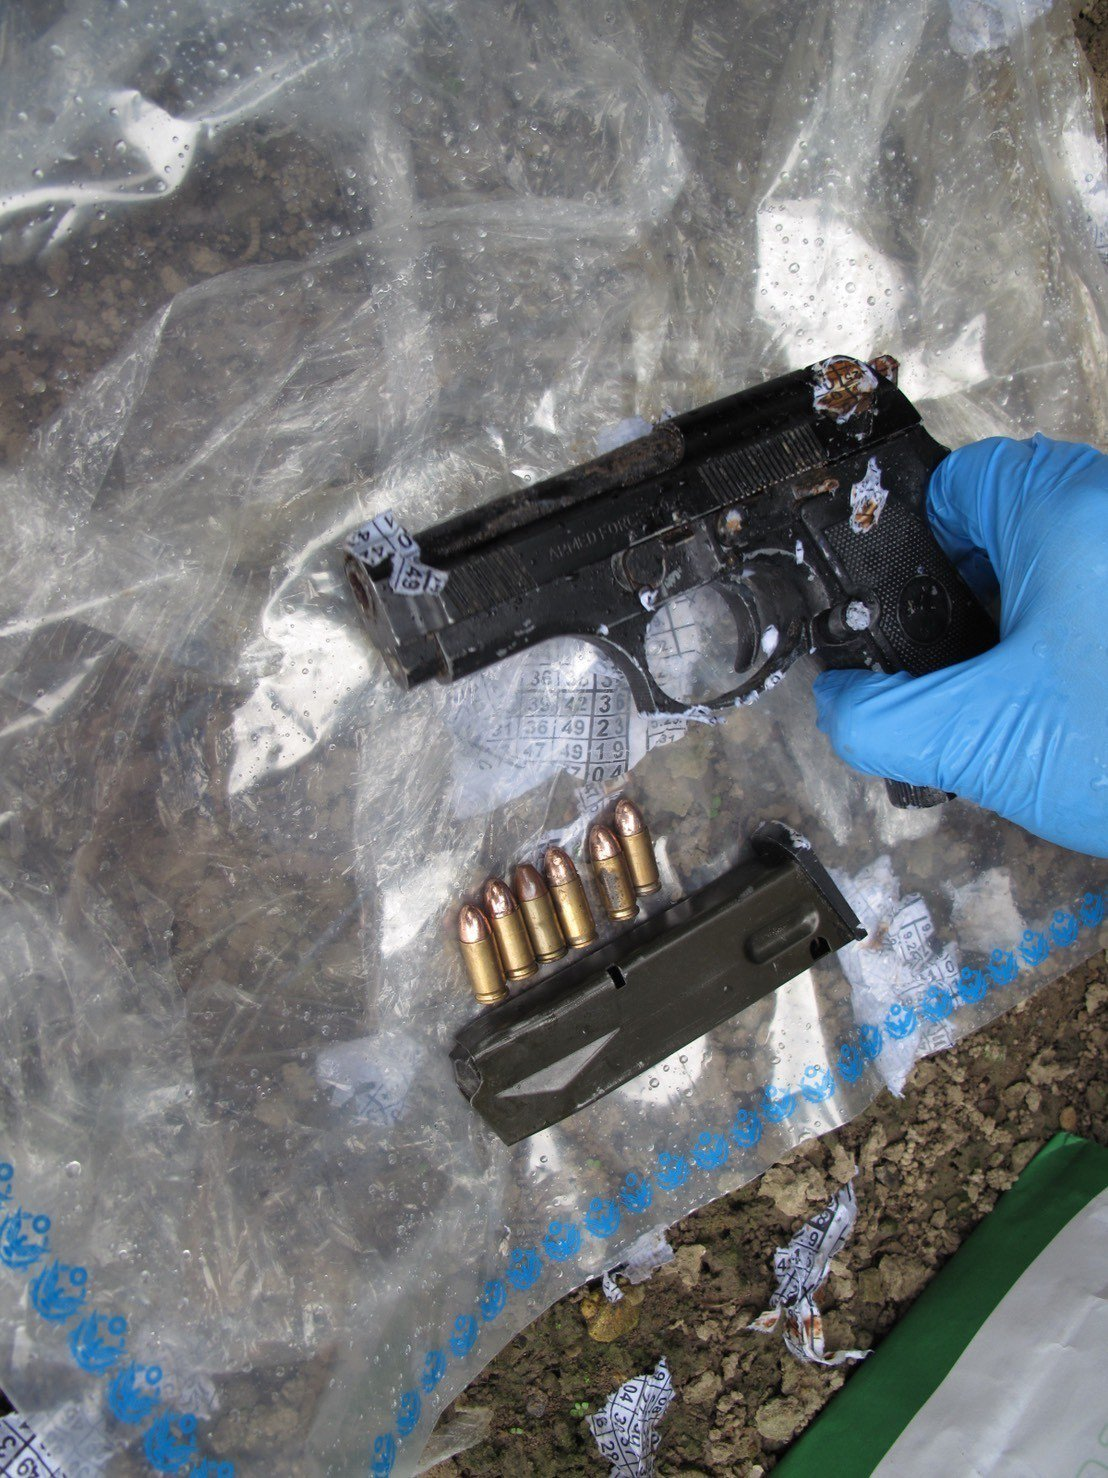 白河警方借提毒品嫌犯起出改造手槍。圖/白河警分局提供